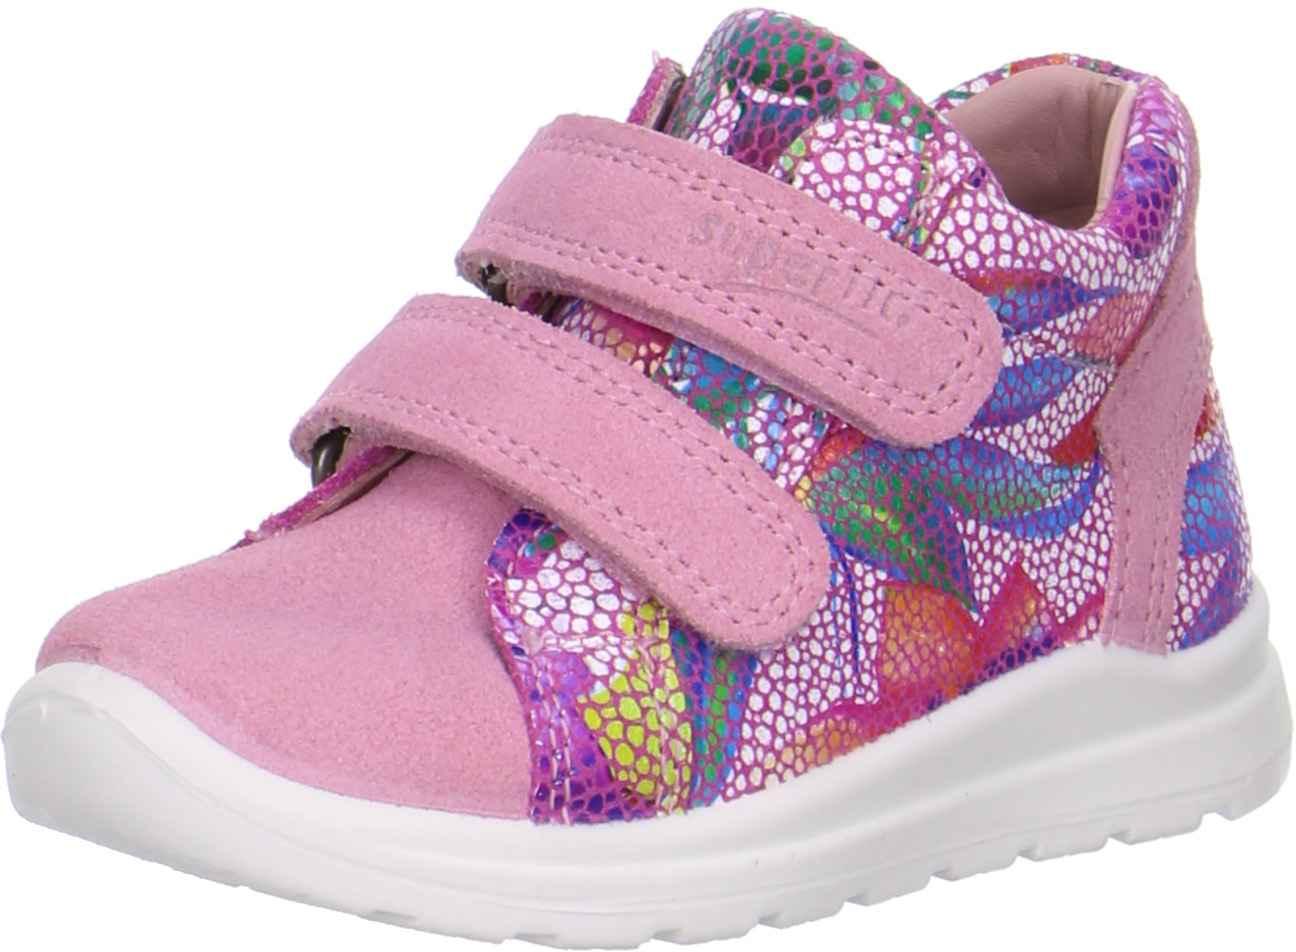 Superfit virágmintás-rózsaszín tépőzáras cipő - Cipők - Trendi Kölyök  Gyerekcipő webáruház - Szekszárd bc3527d82b